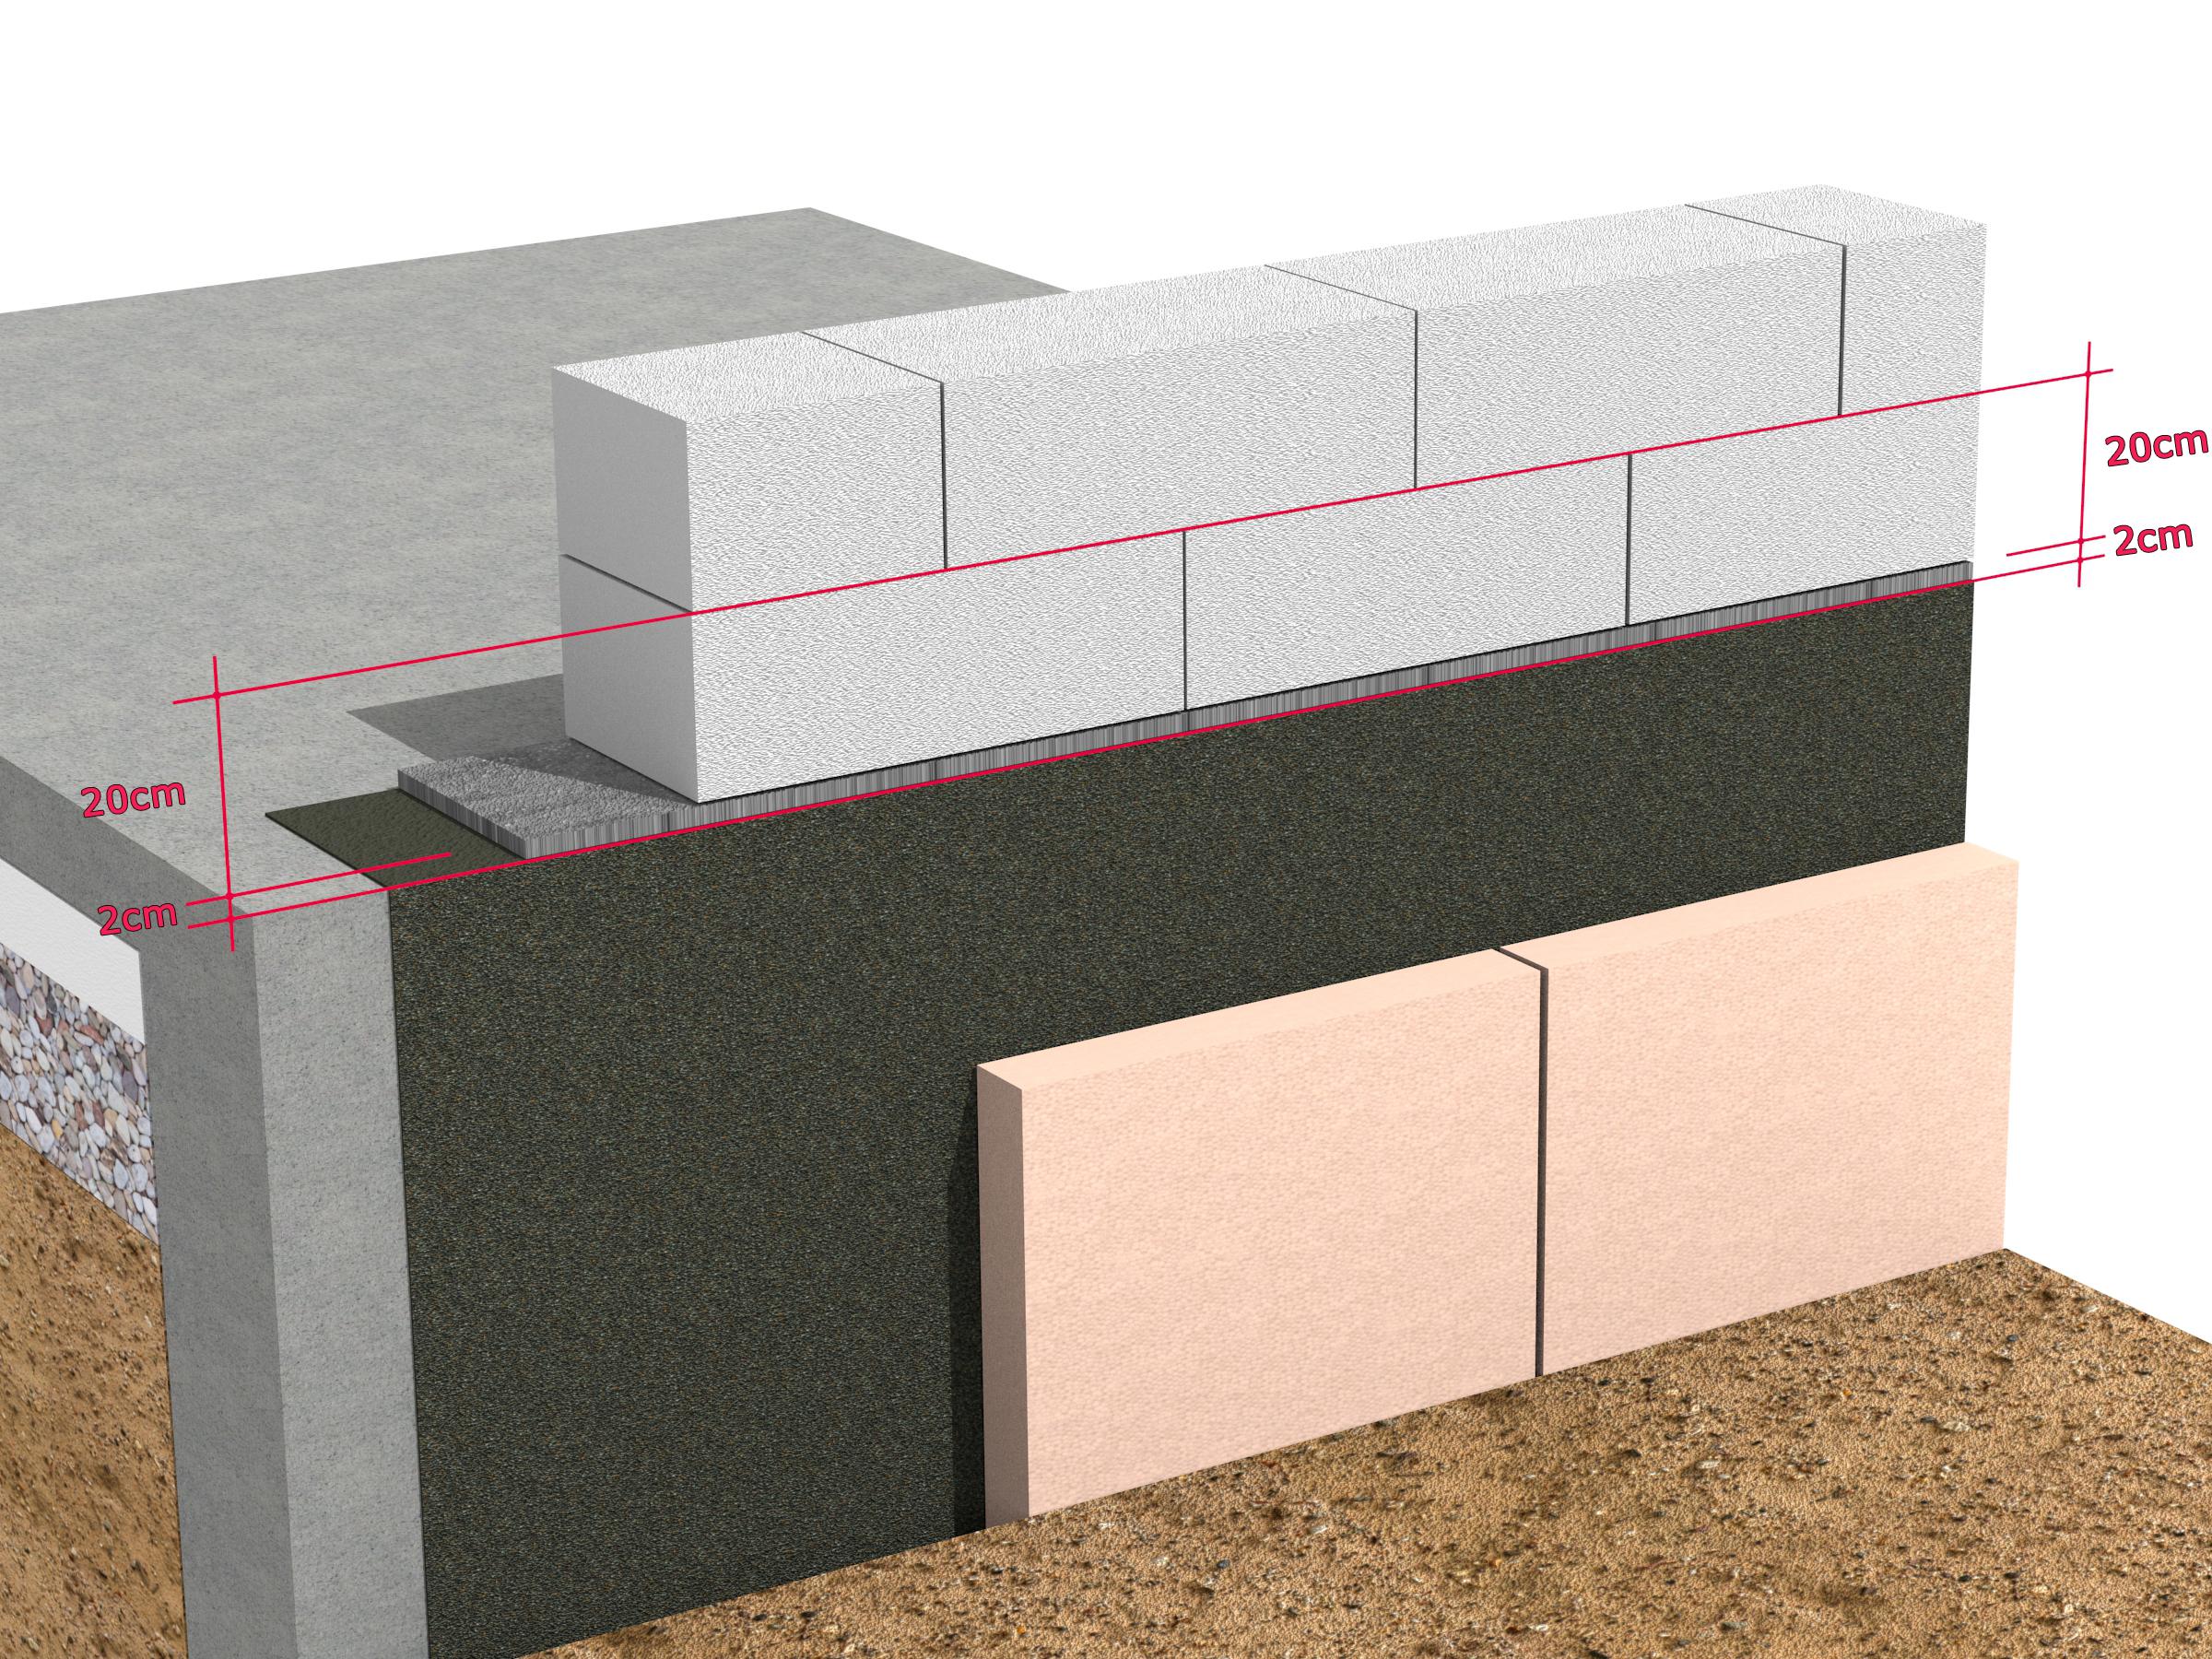 Cazul 1 - Detaliu de soclu fara abateri de nivel - Montarea primului rand de zidarie